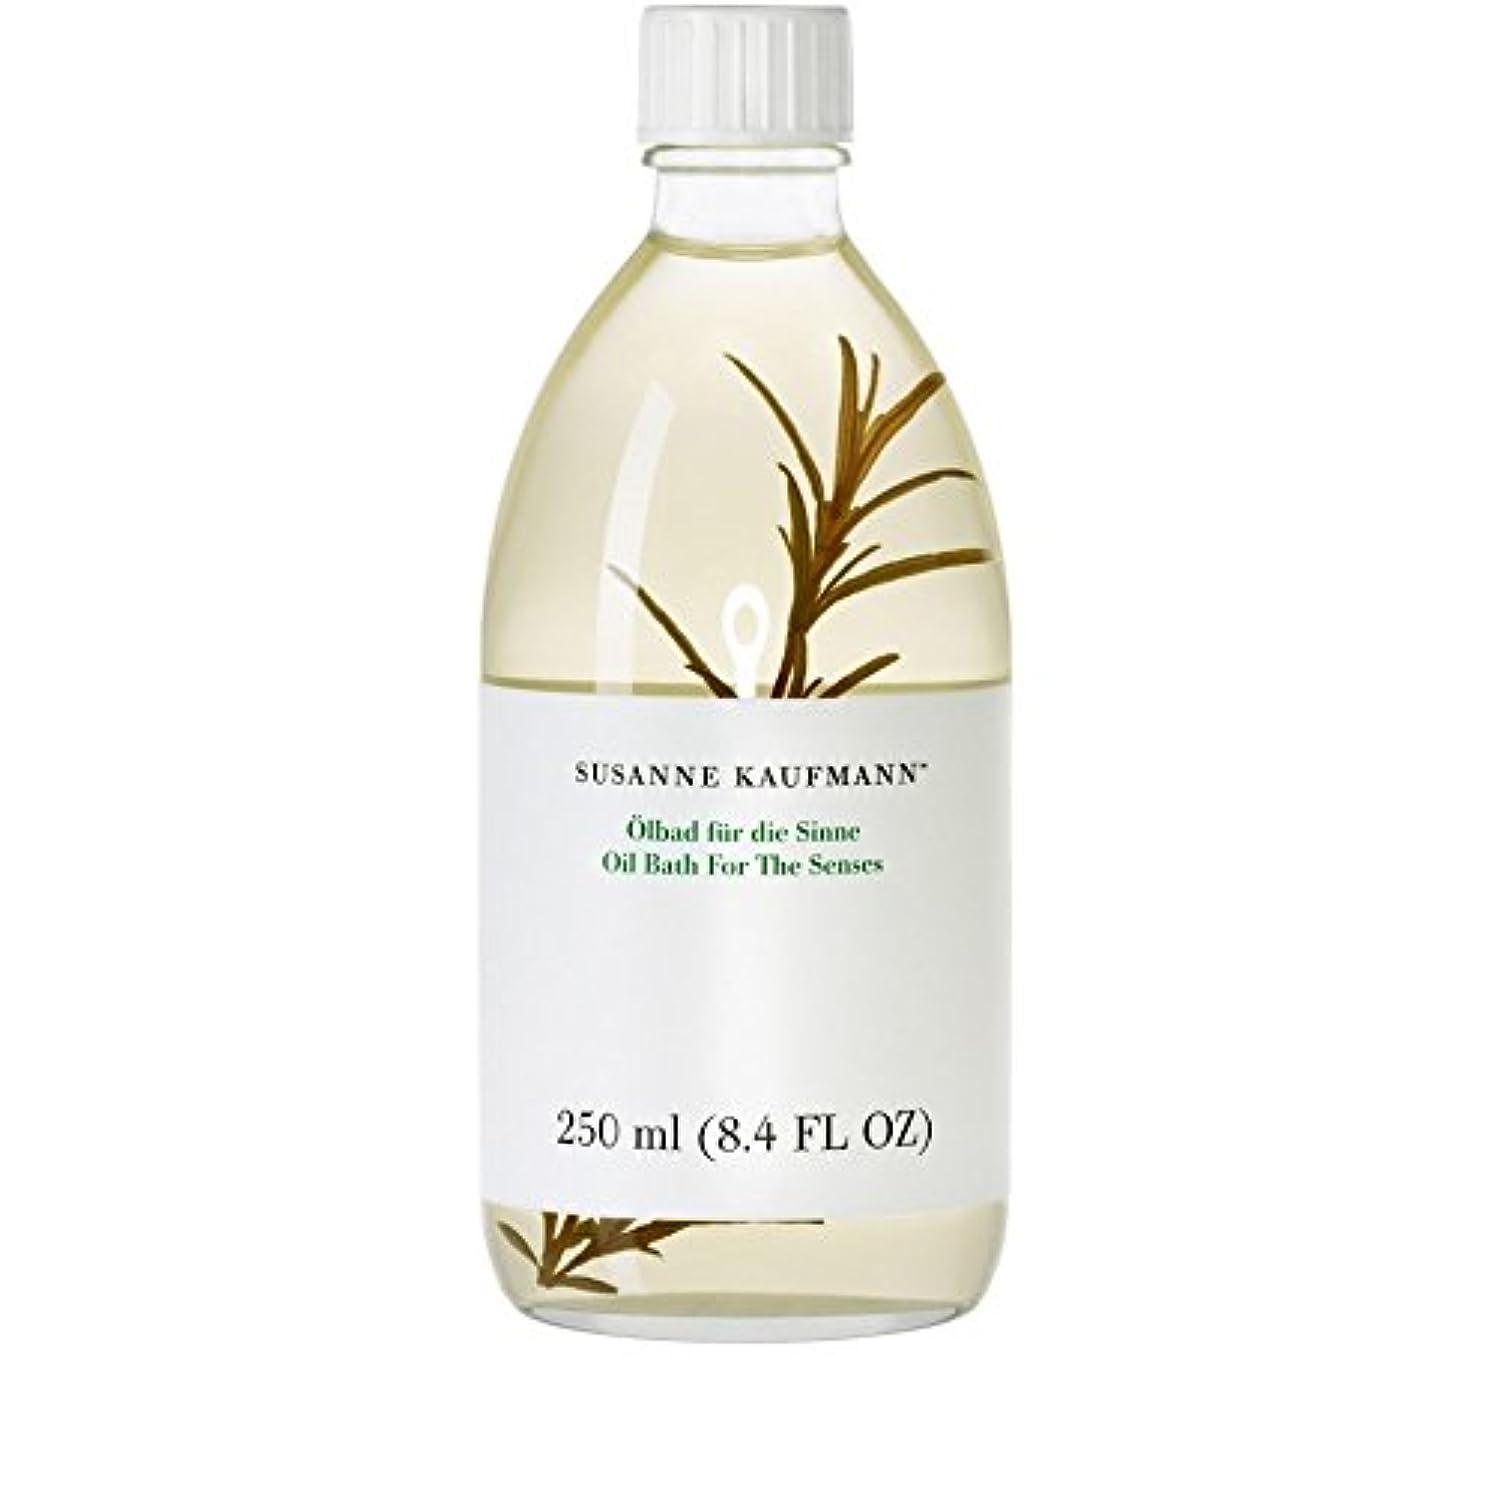 インストラクター負荷細断250ミリリットルの感覚のためのスザンヌカウフマンオイルバス x4 - Susanne Kaufmann Oil Bath for the Senses 250ml (Pack of 4) [並行輸入品]